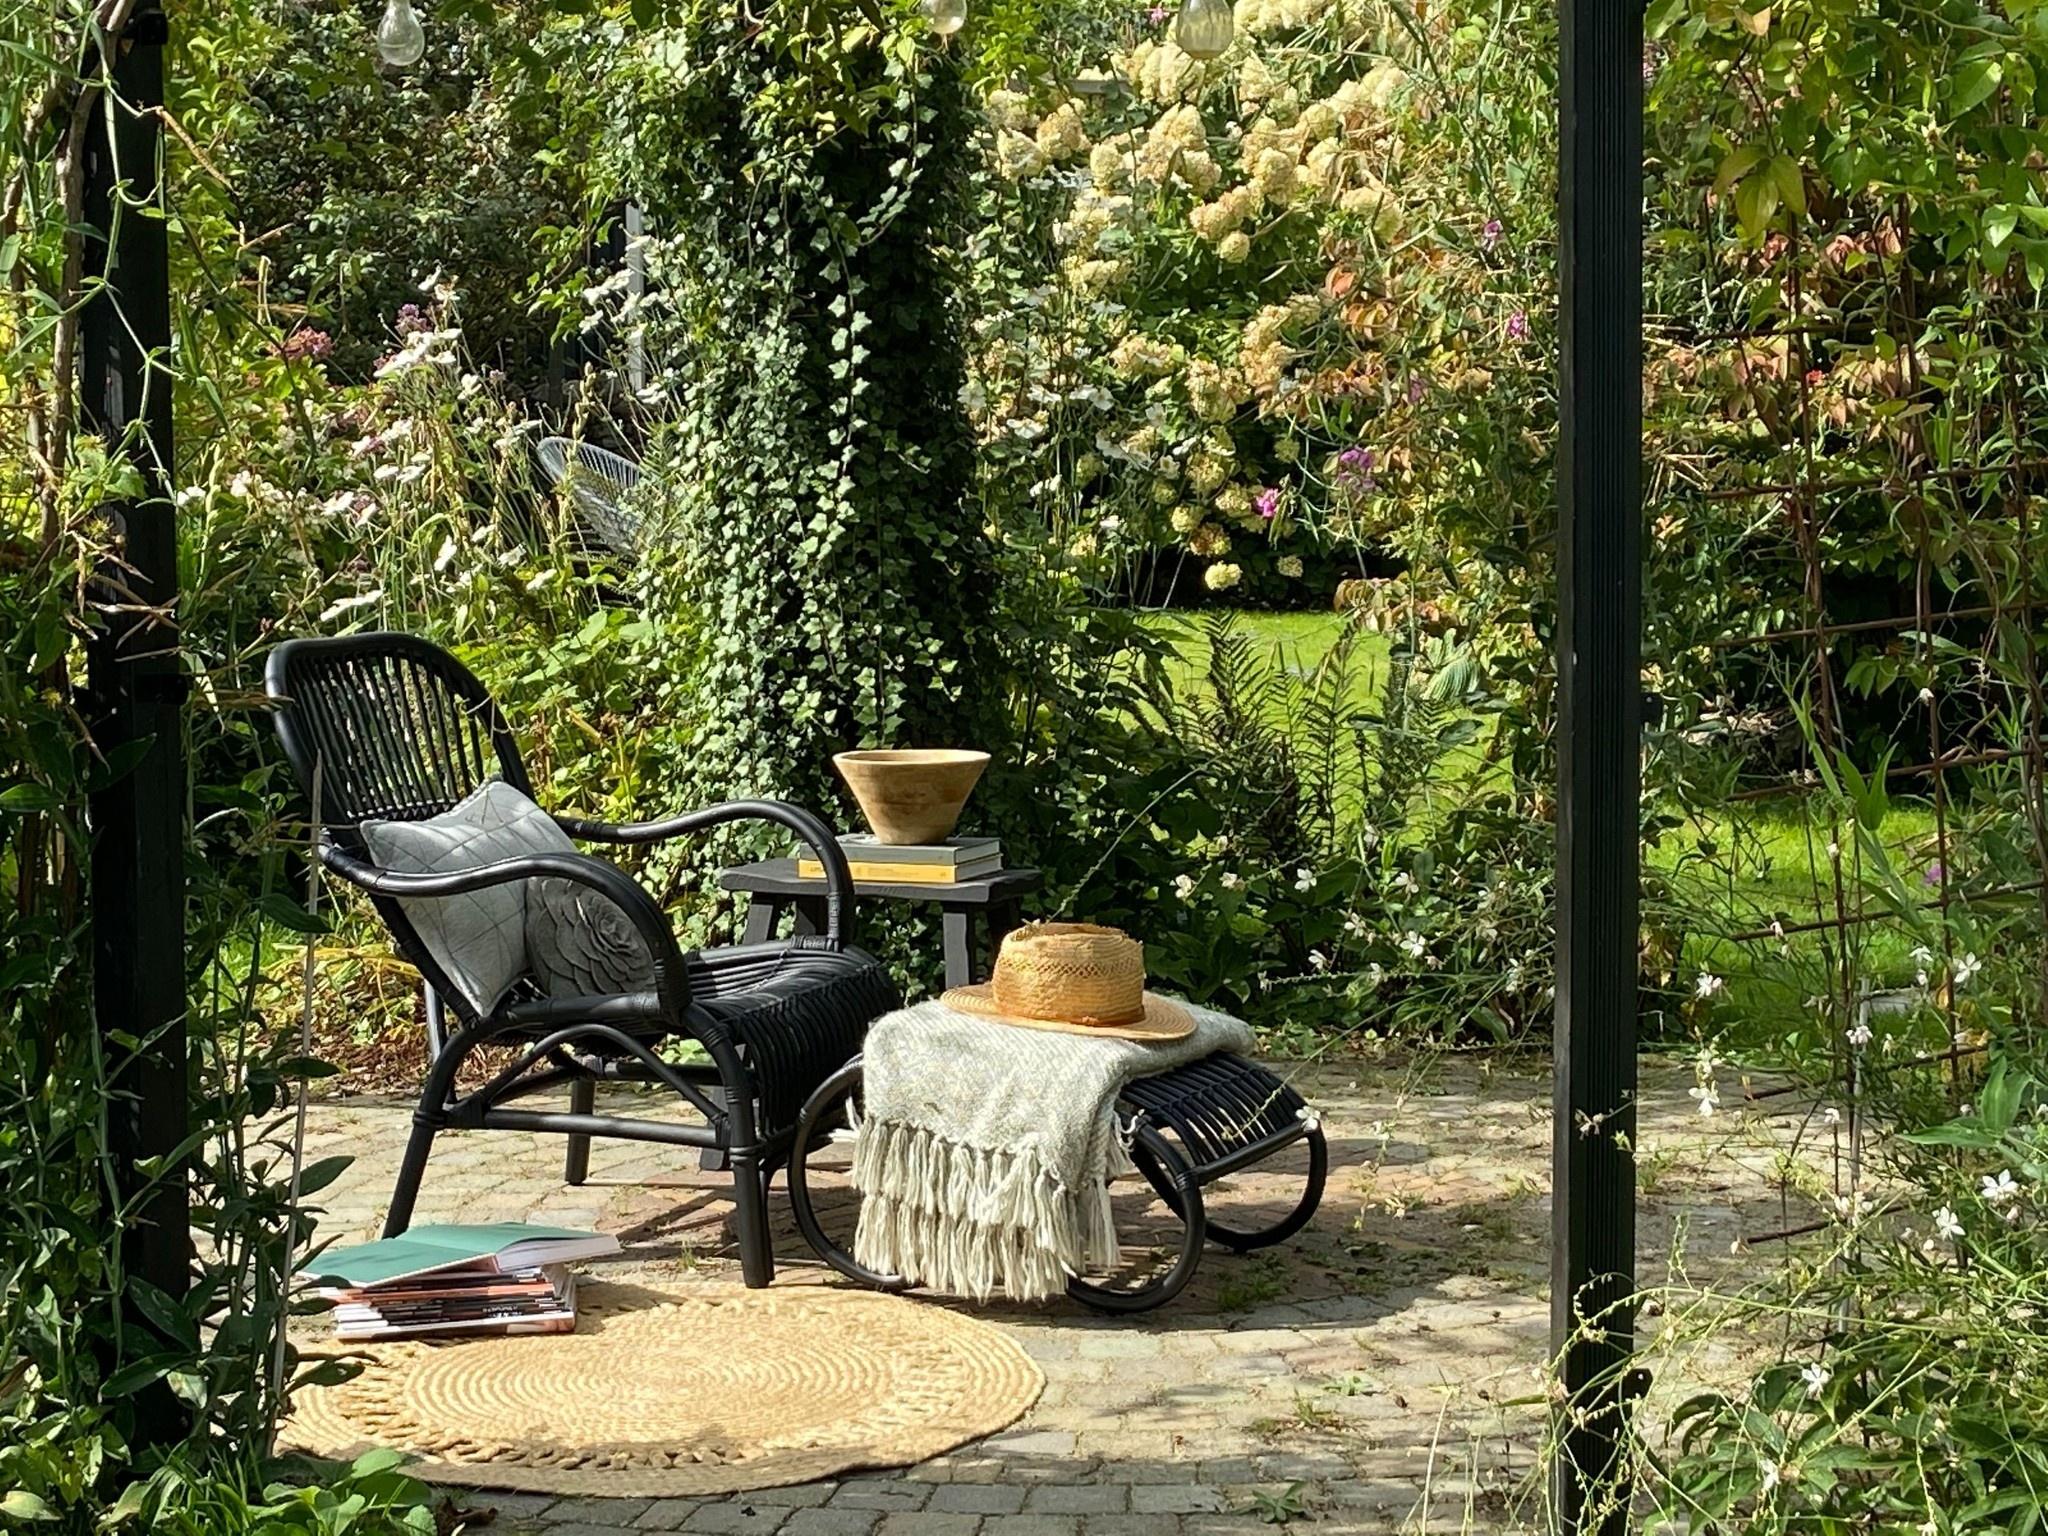 Je tuin op een leuke manier inrichten? Dat doe je zo!